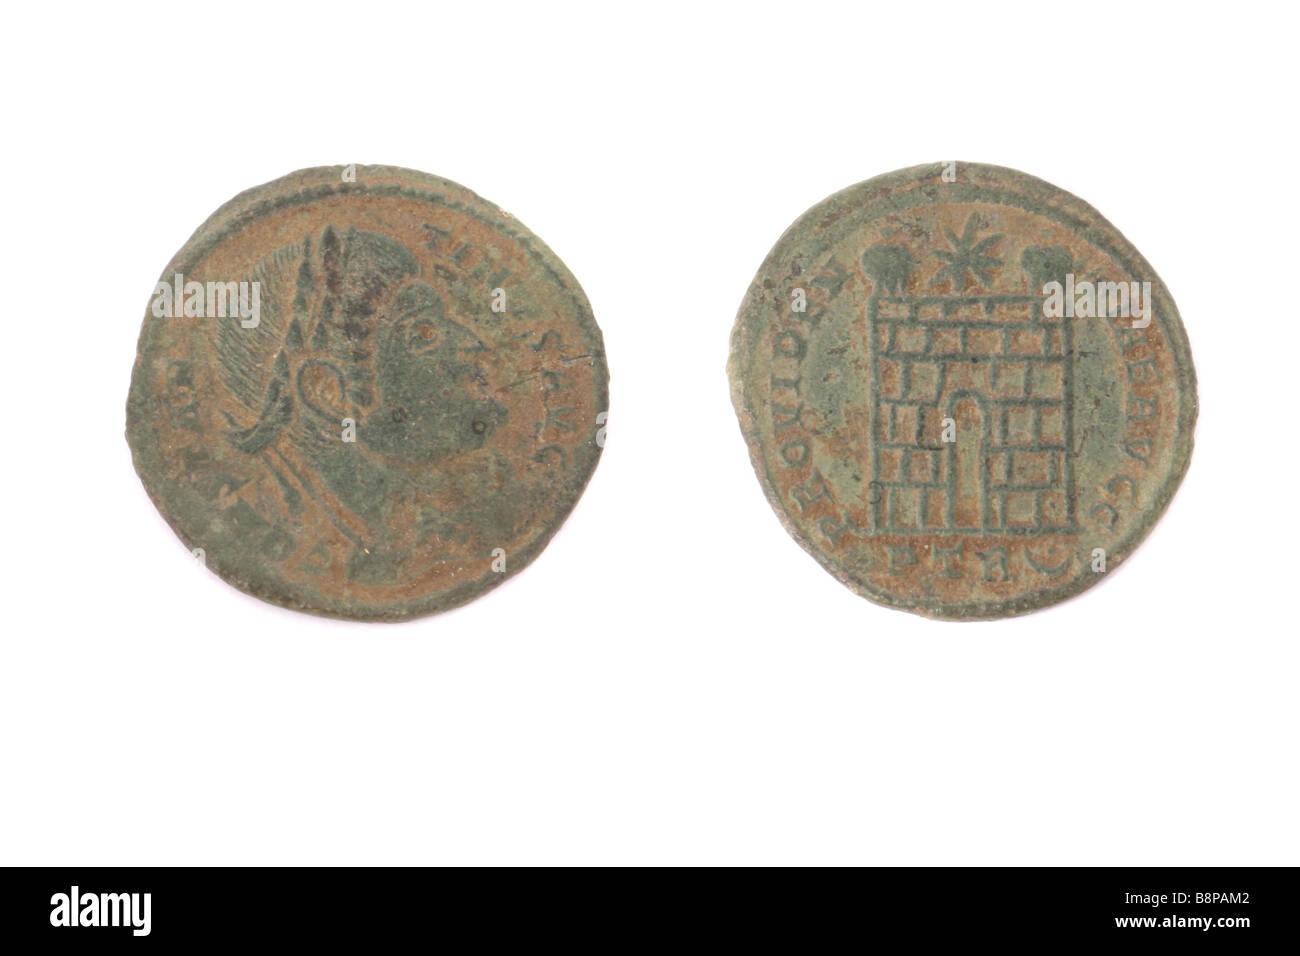 Vorder Und Rückseite Einer Römischen Münze In England Gefunden